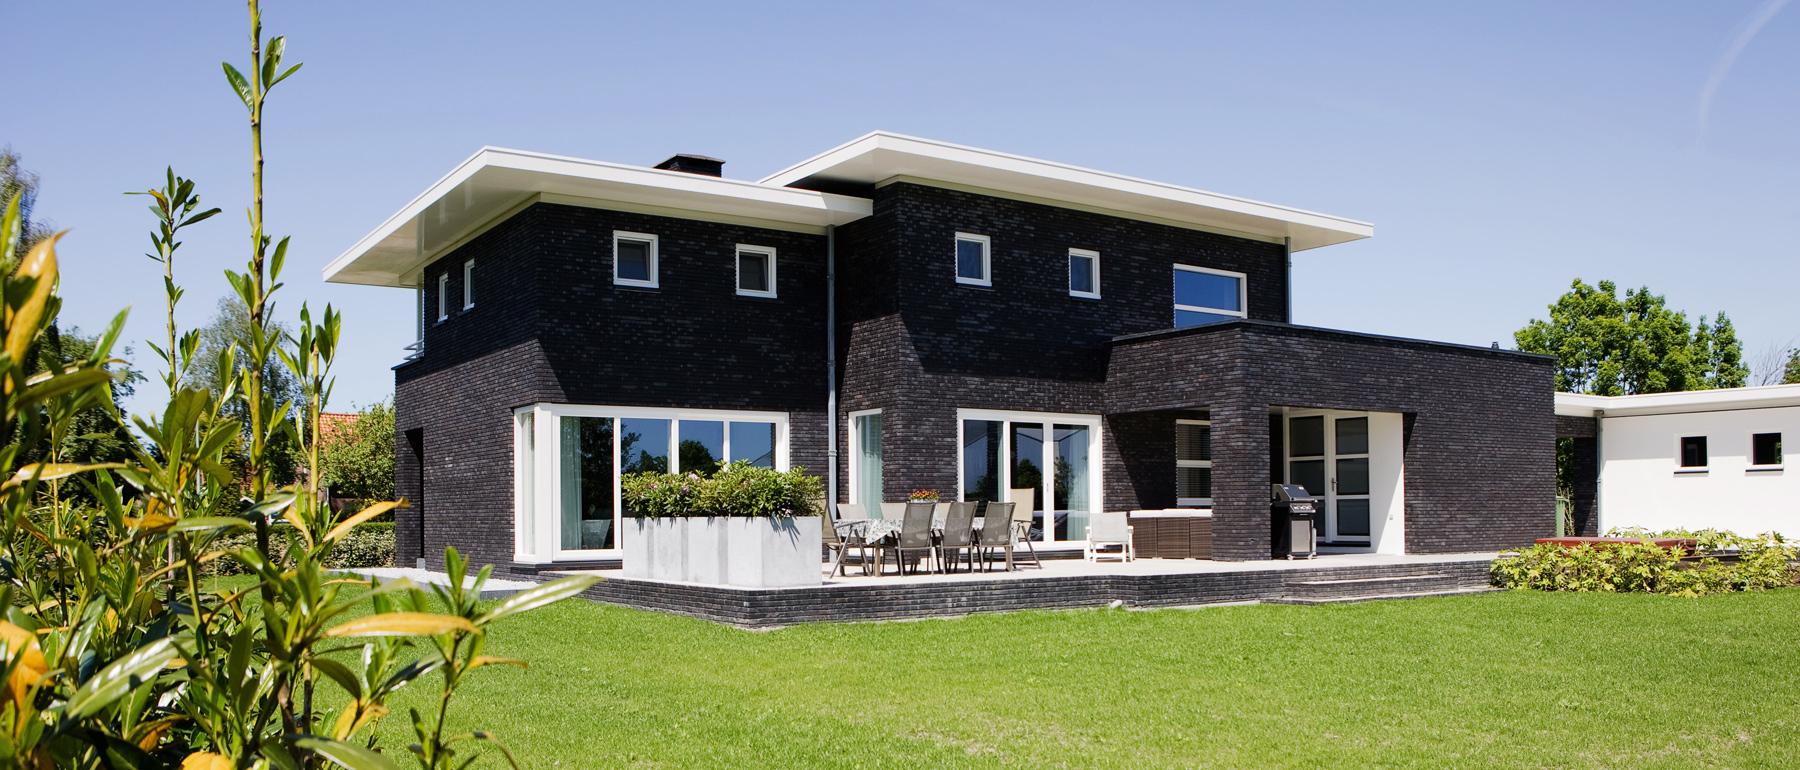 Exterieur villa met kunststof kozijnen, deuren en vouwwanden van Jumbo